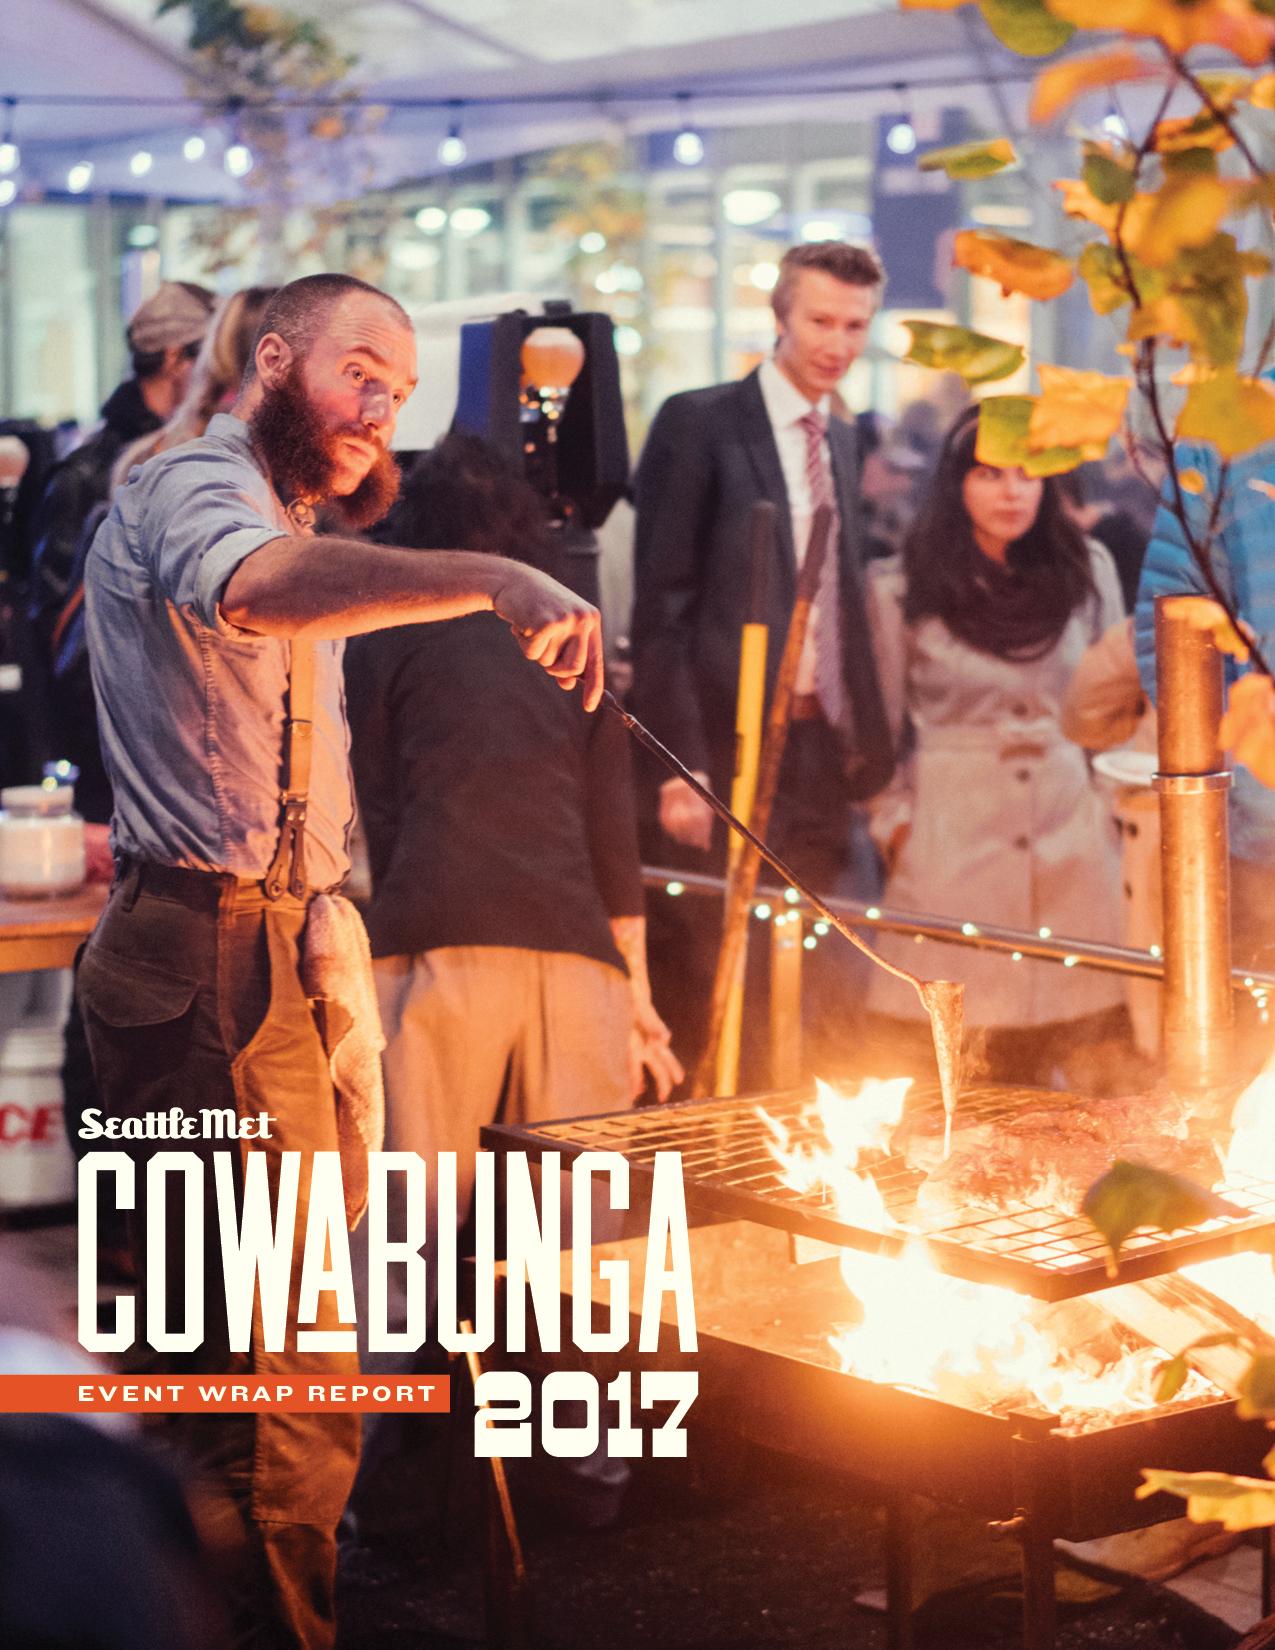 Cowabunga2017_Wrapbook_WEB.jpg